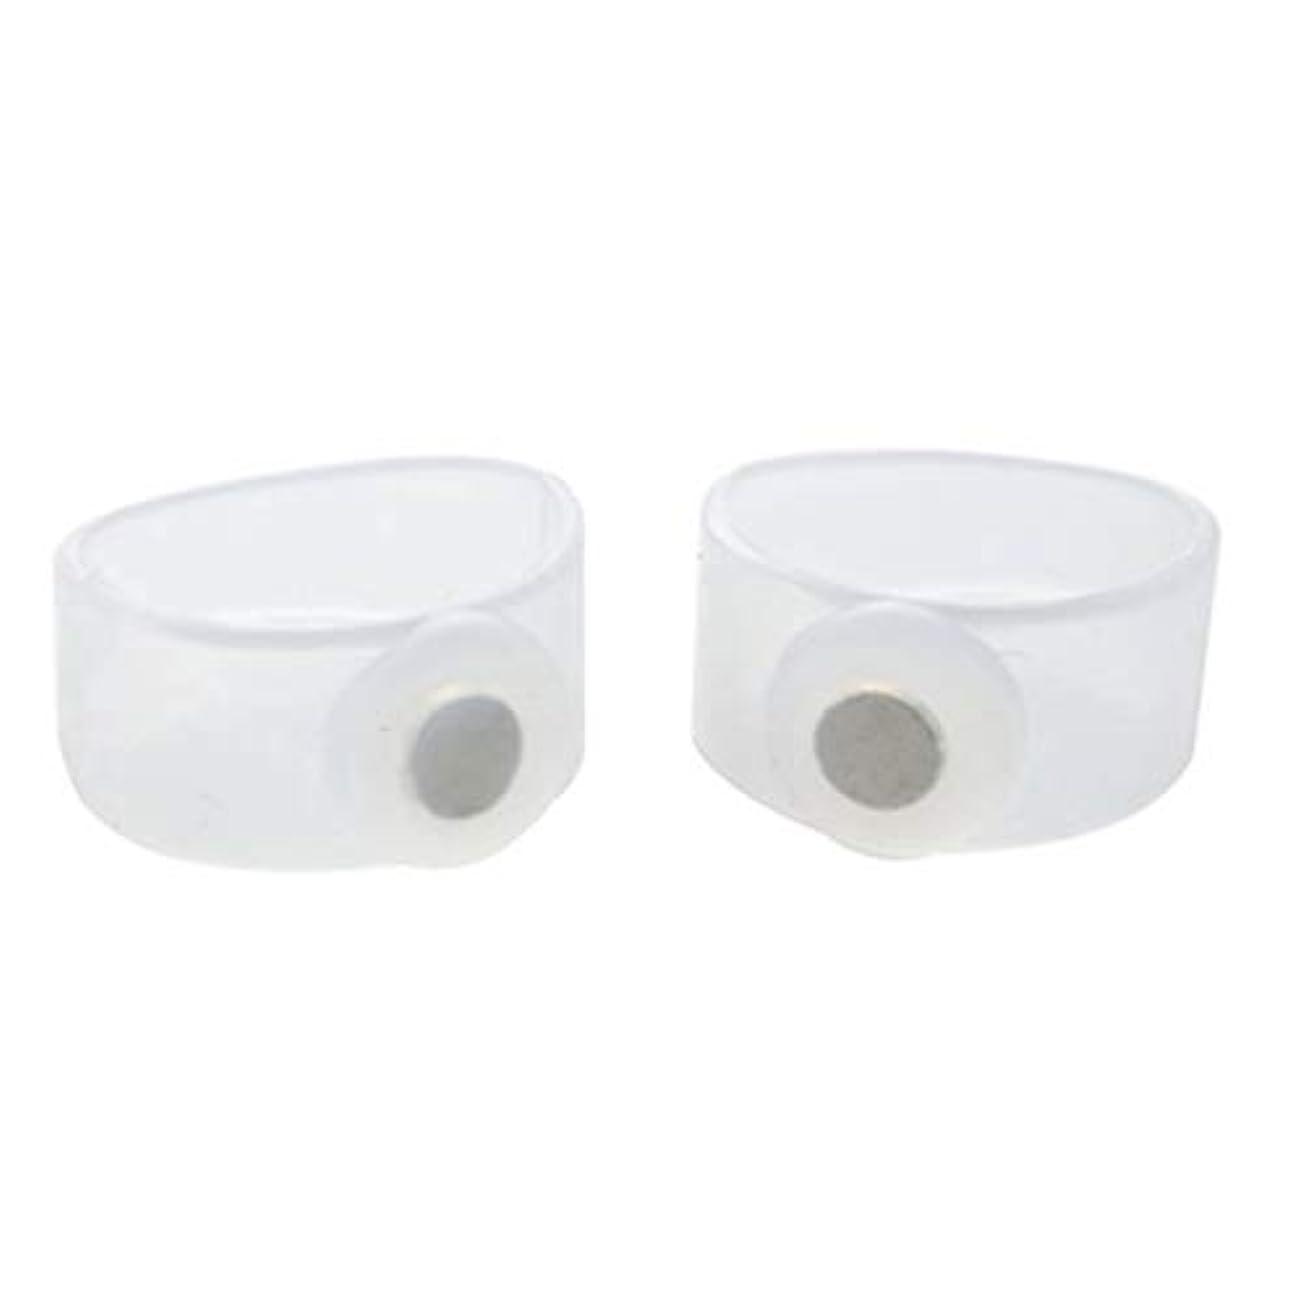 子供っぽいタッチ鉱石2ピース痩身シリコン磁気フットマッサージャーマッサージリラックスつま先リング用減量ヘルスケアツール美容製品 - 透明